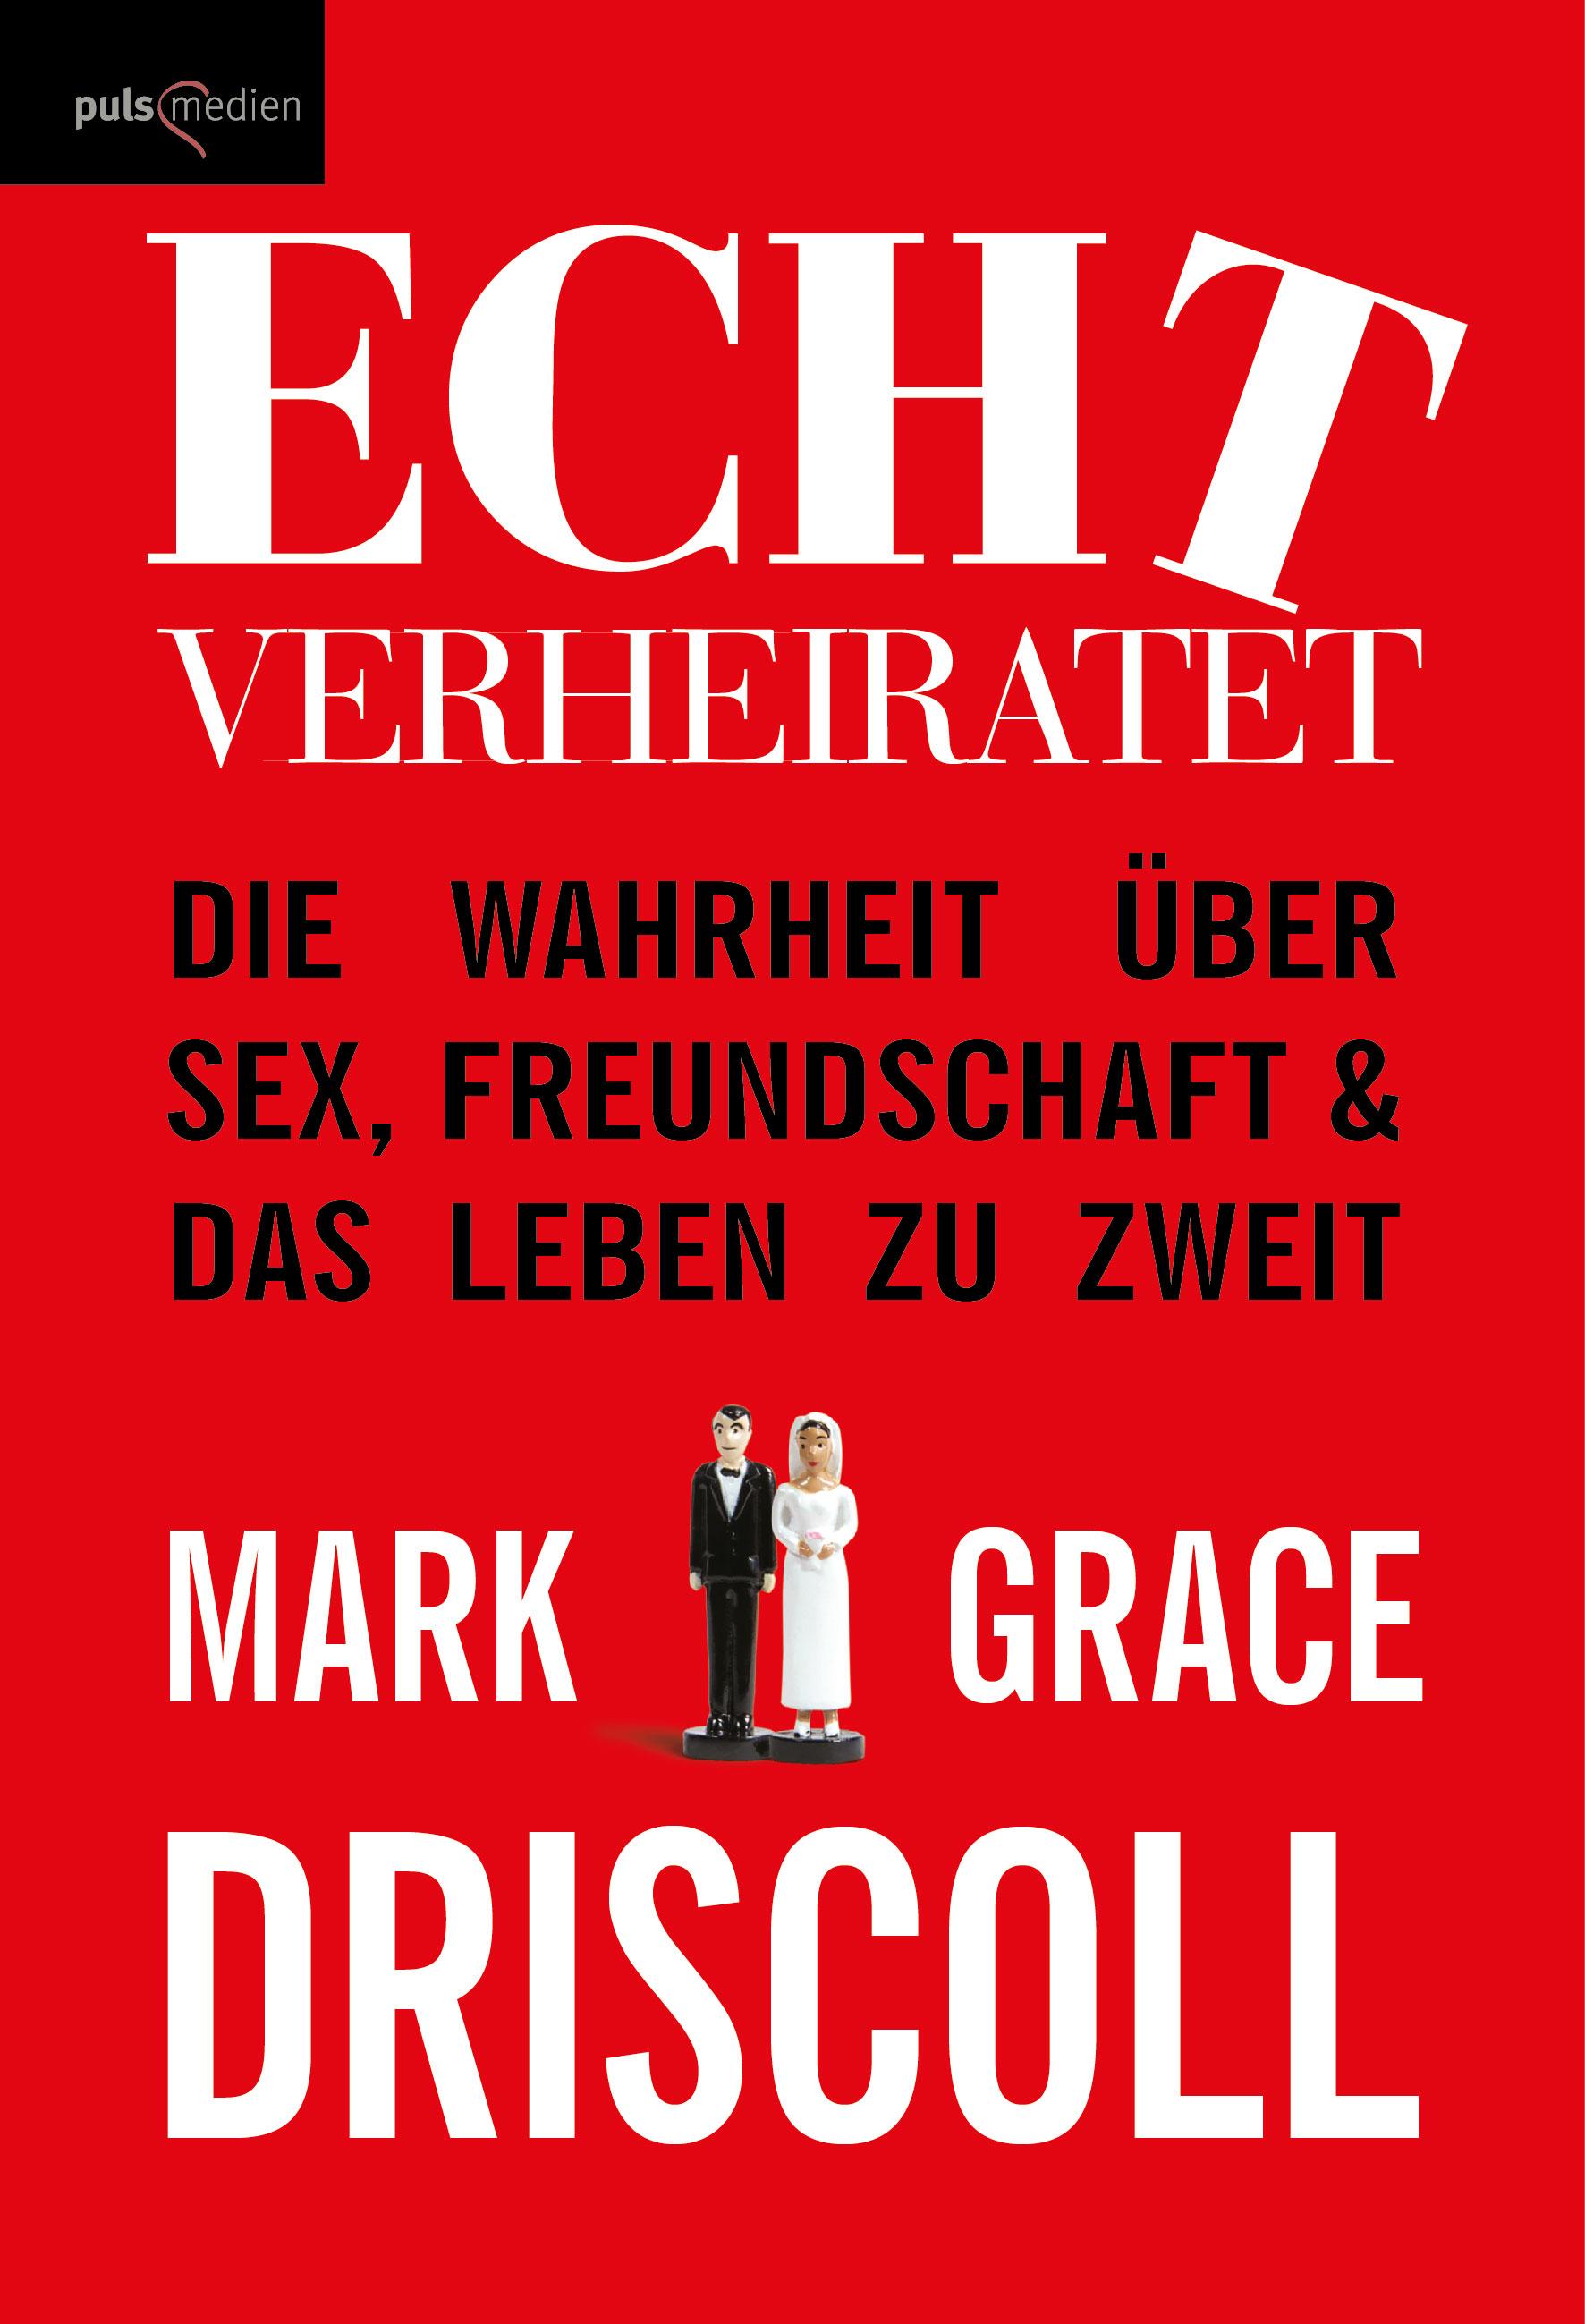 Driscoll, Echt verheiratet_2D_RGB